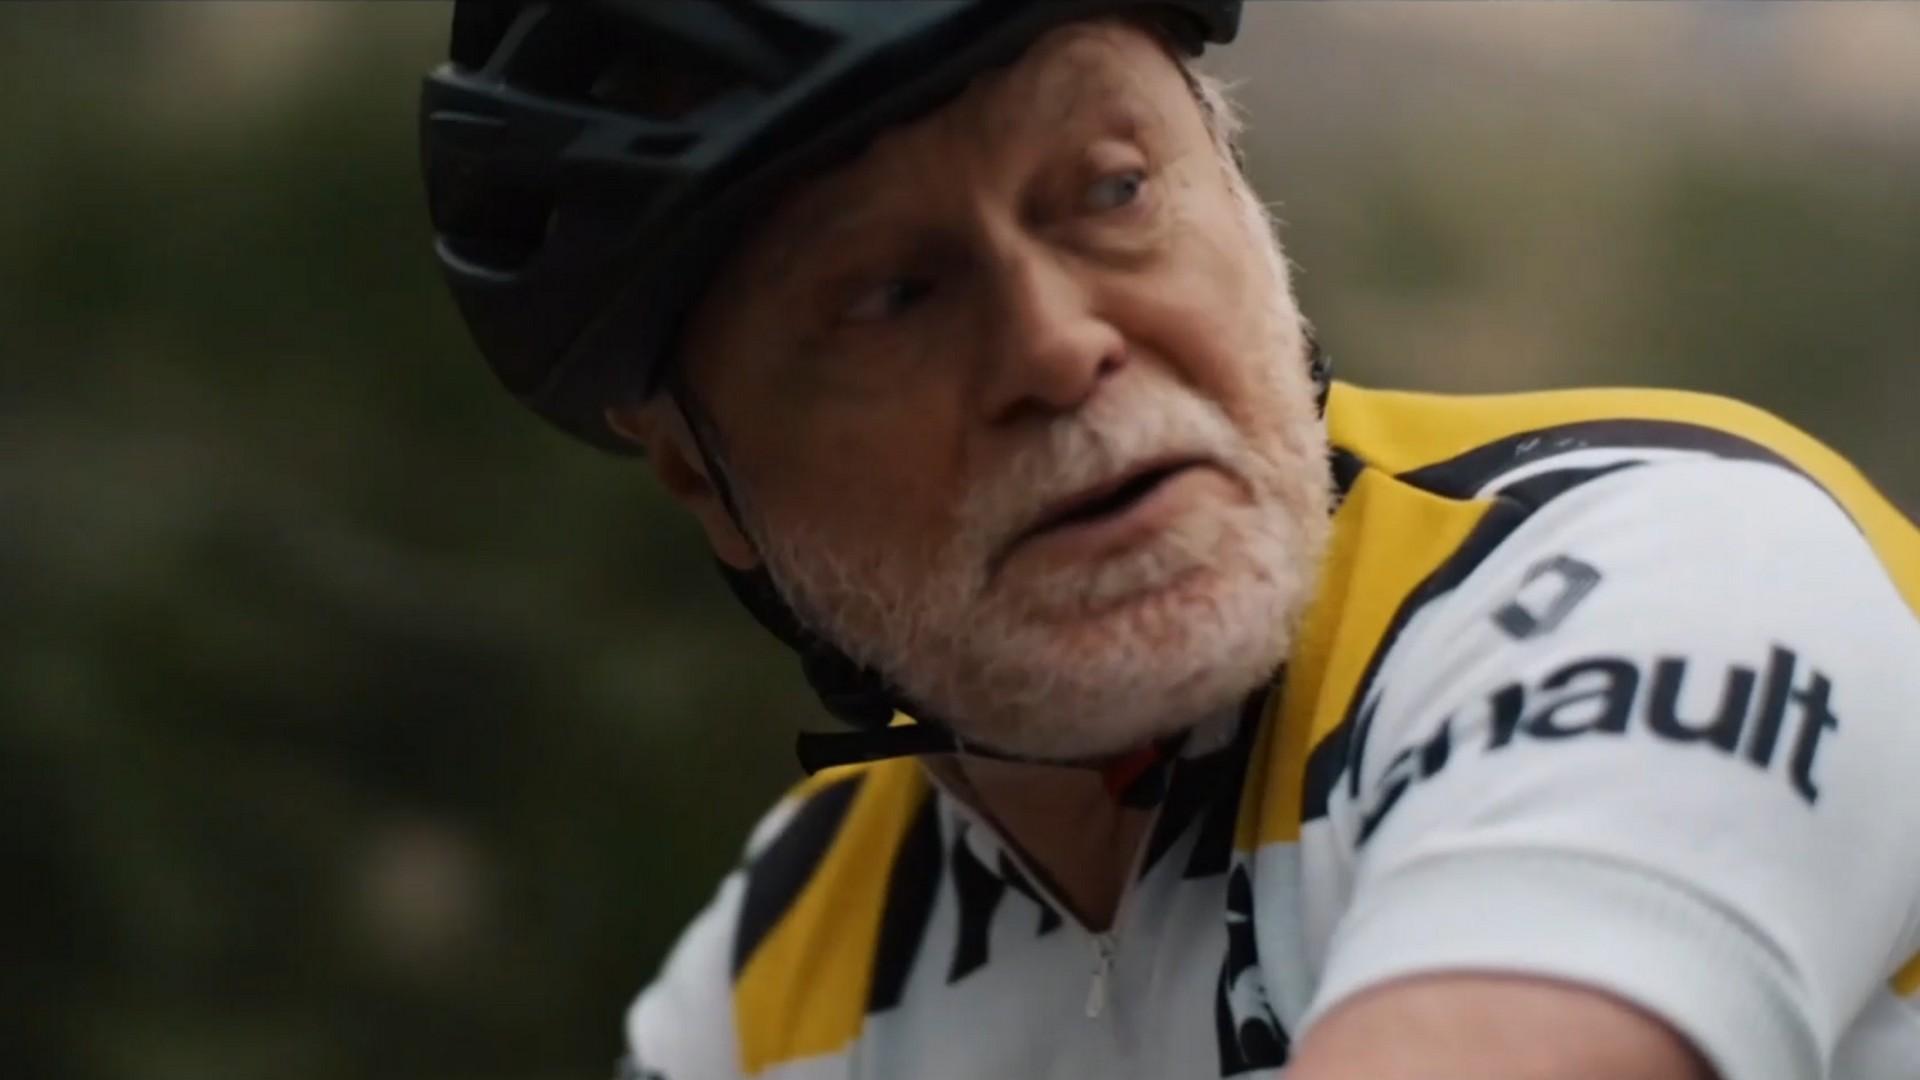 Renault x cyclisme (publicité) 2021